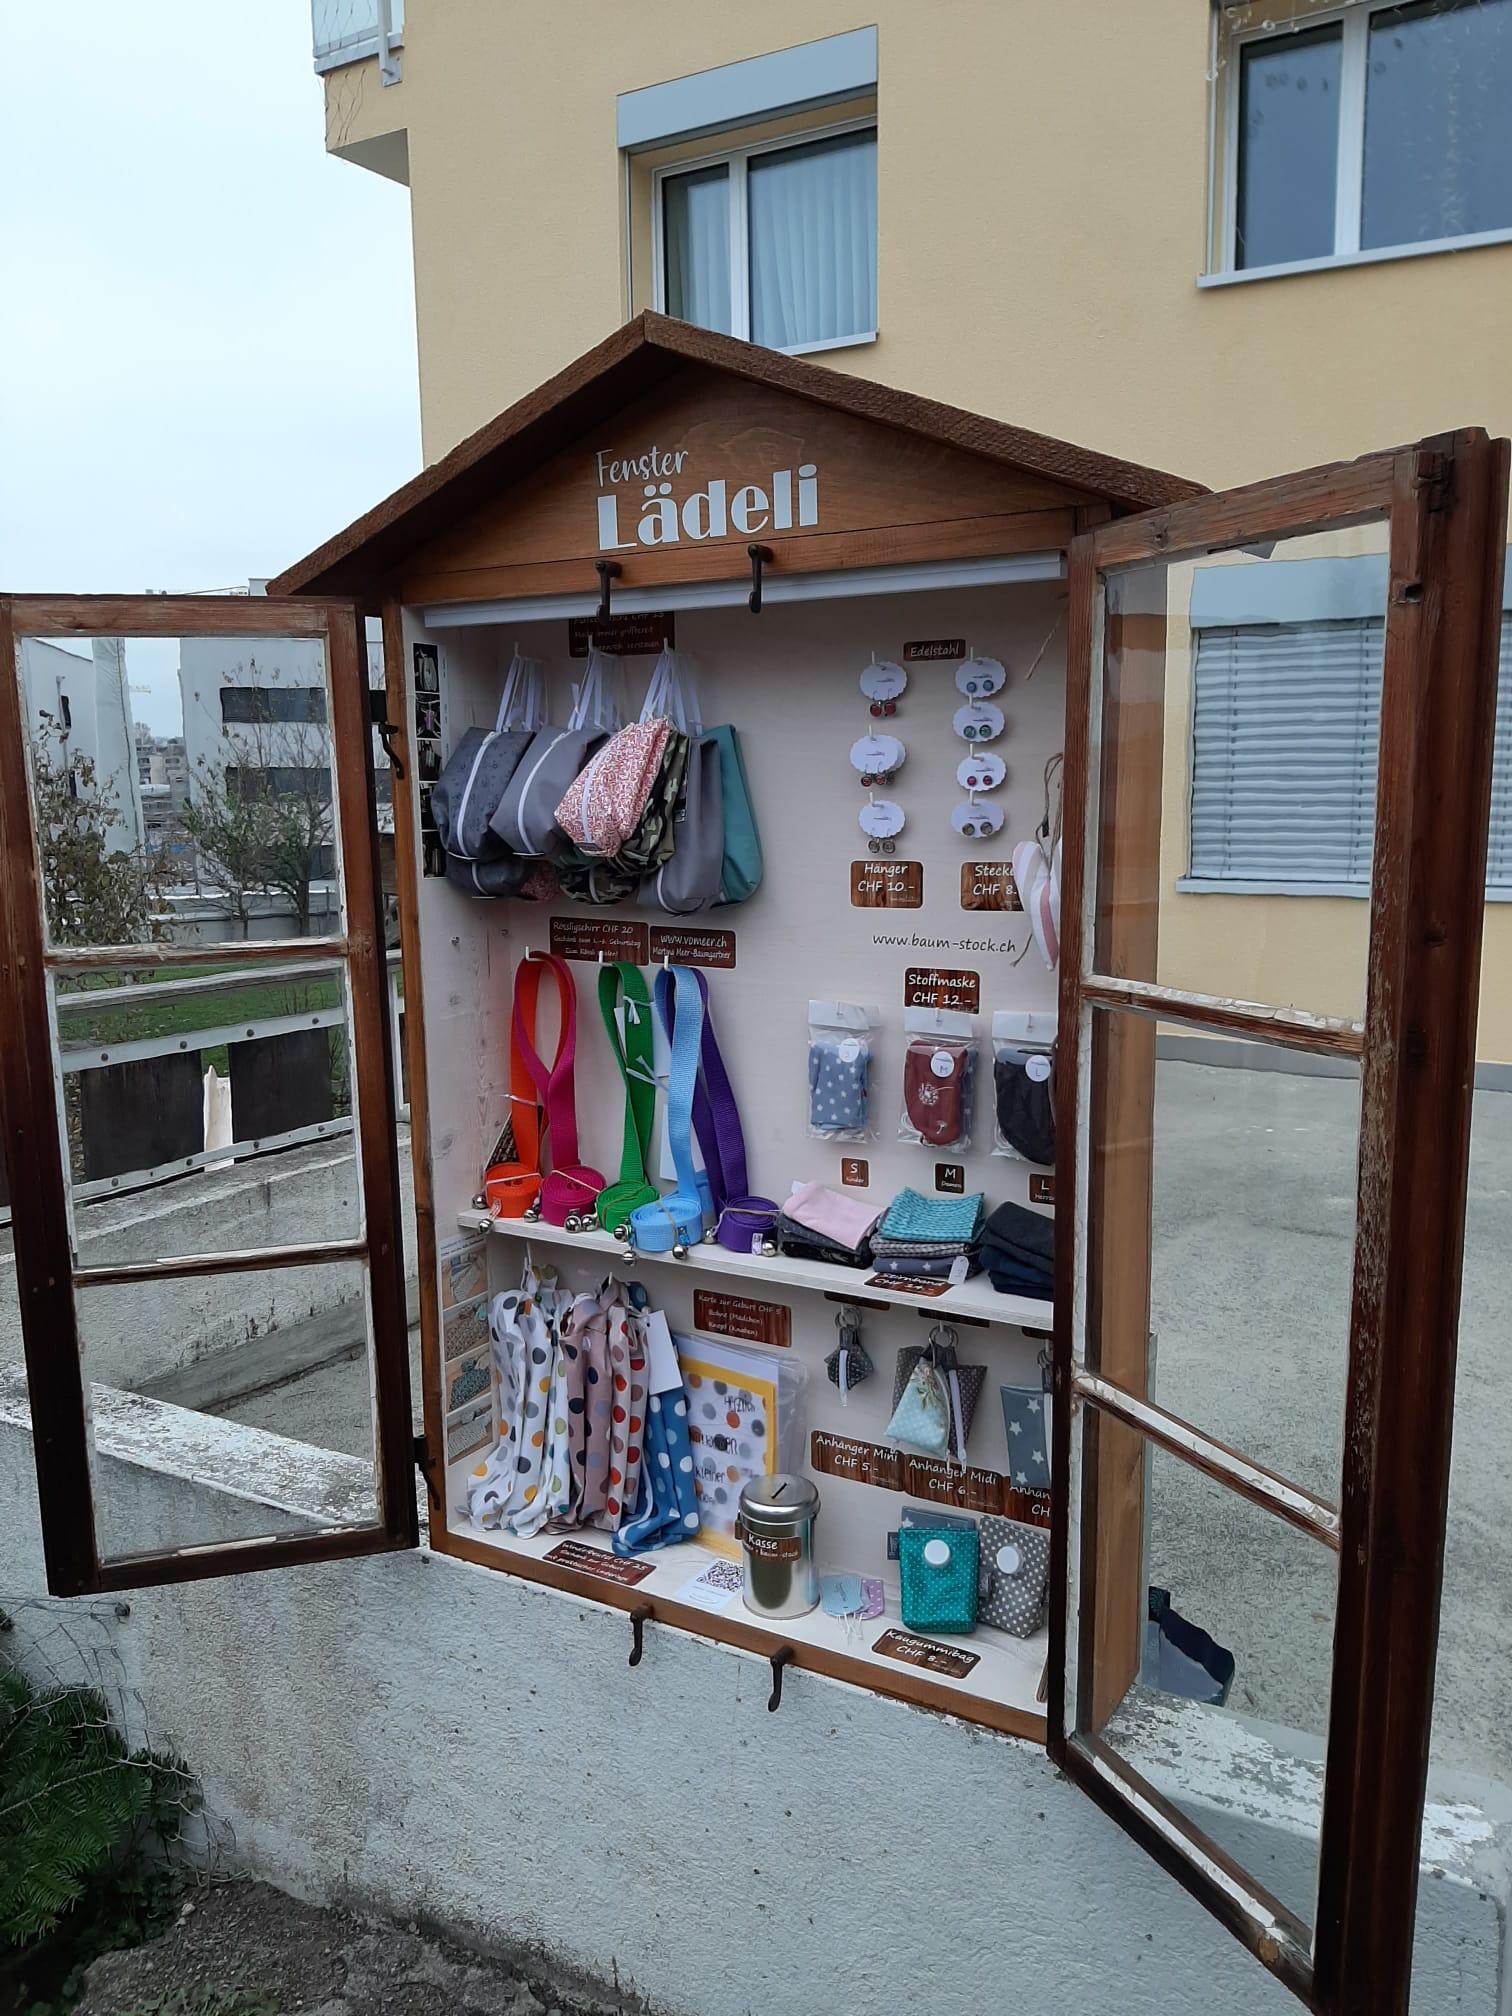 Fenster-Lädeli Schluechtstrasse 15